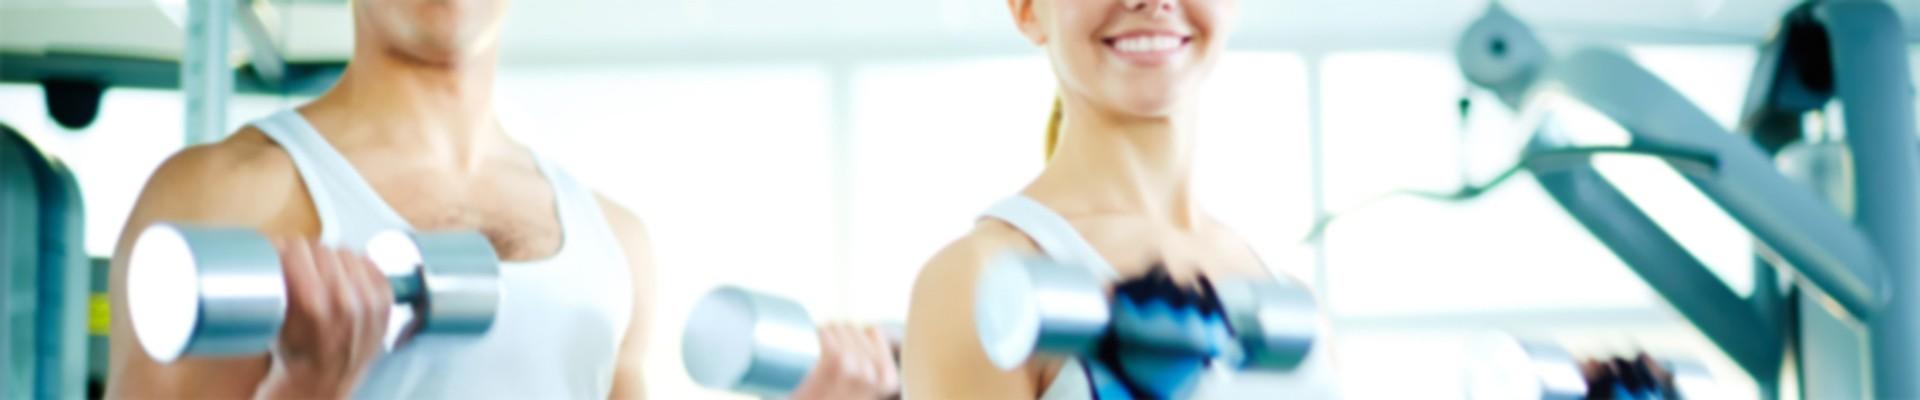 fitnessedzo-szemelyi-edzes-professzionalis-fitness-nem-testepitoknek